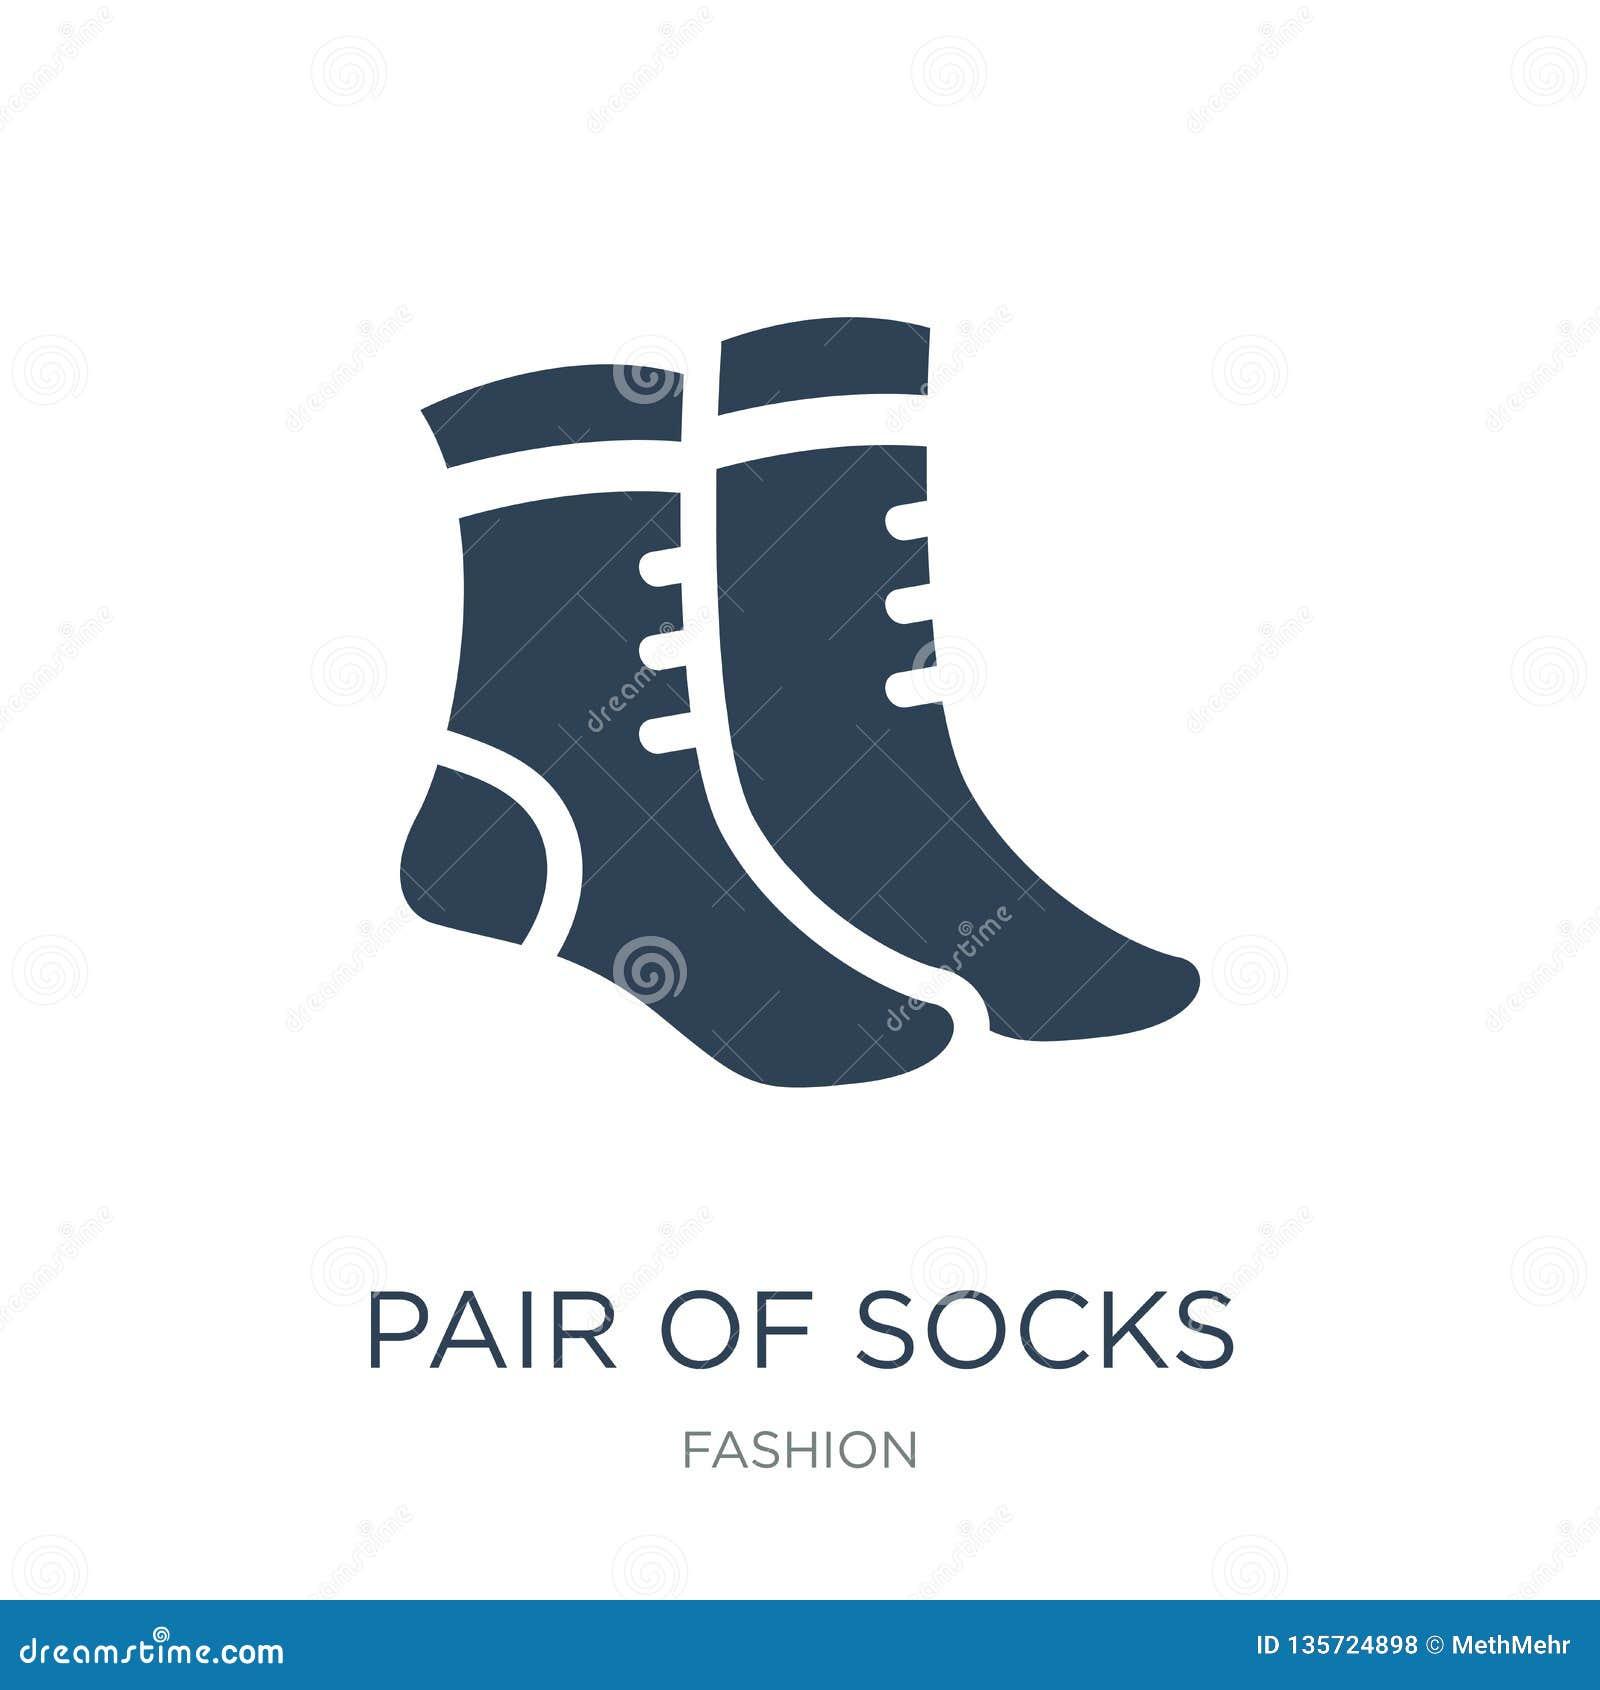 Pair Of Socks Icon In Trendy Design Style  Pair Of Socks